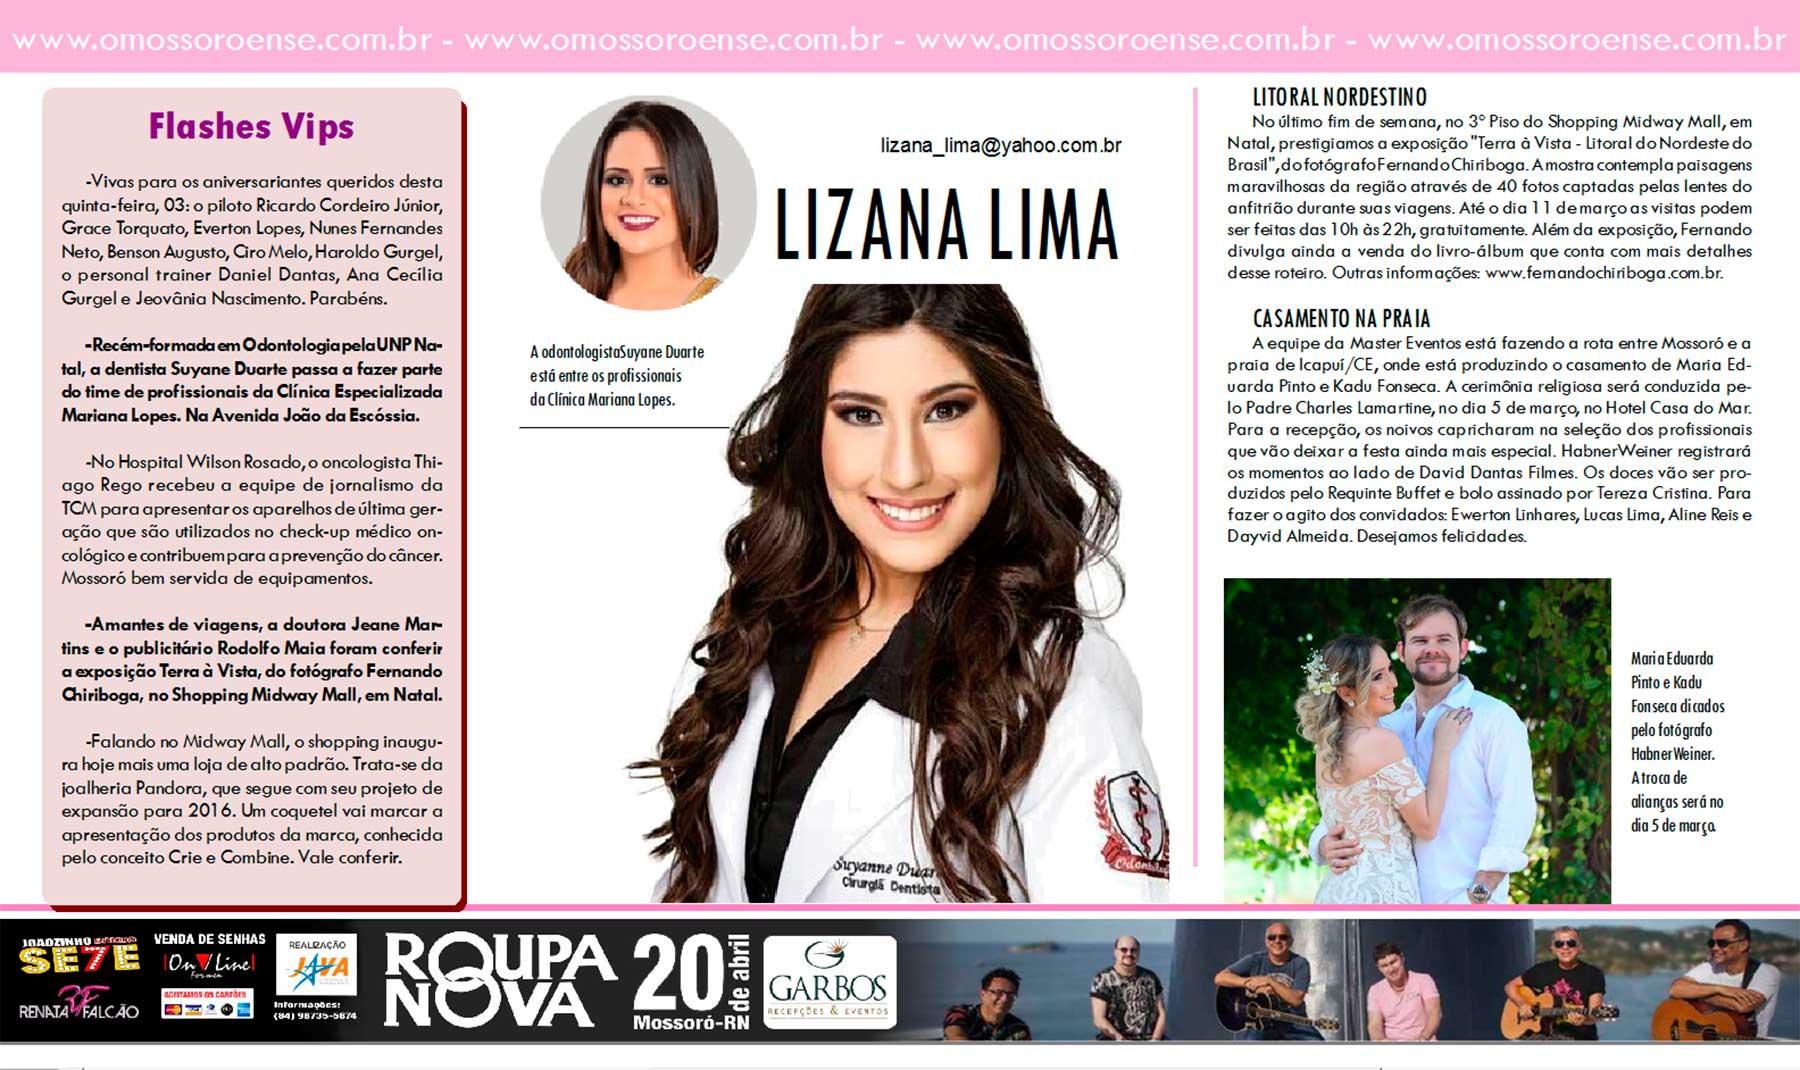 LIZANA-LIMA-03-03-16